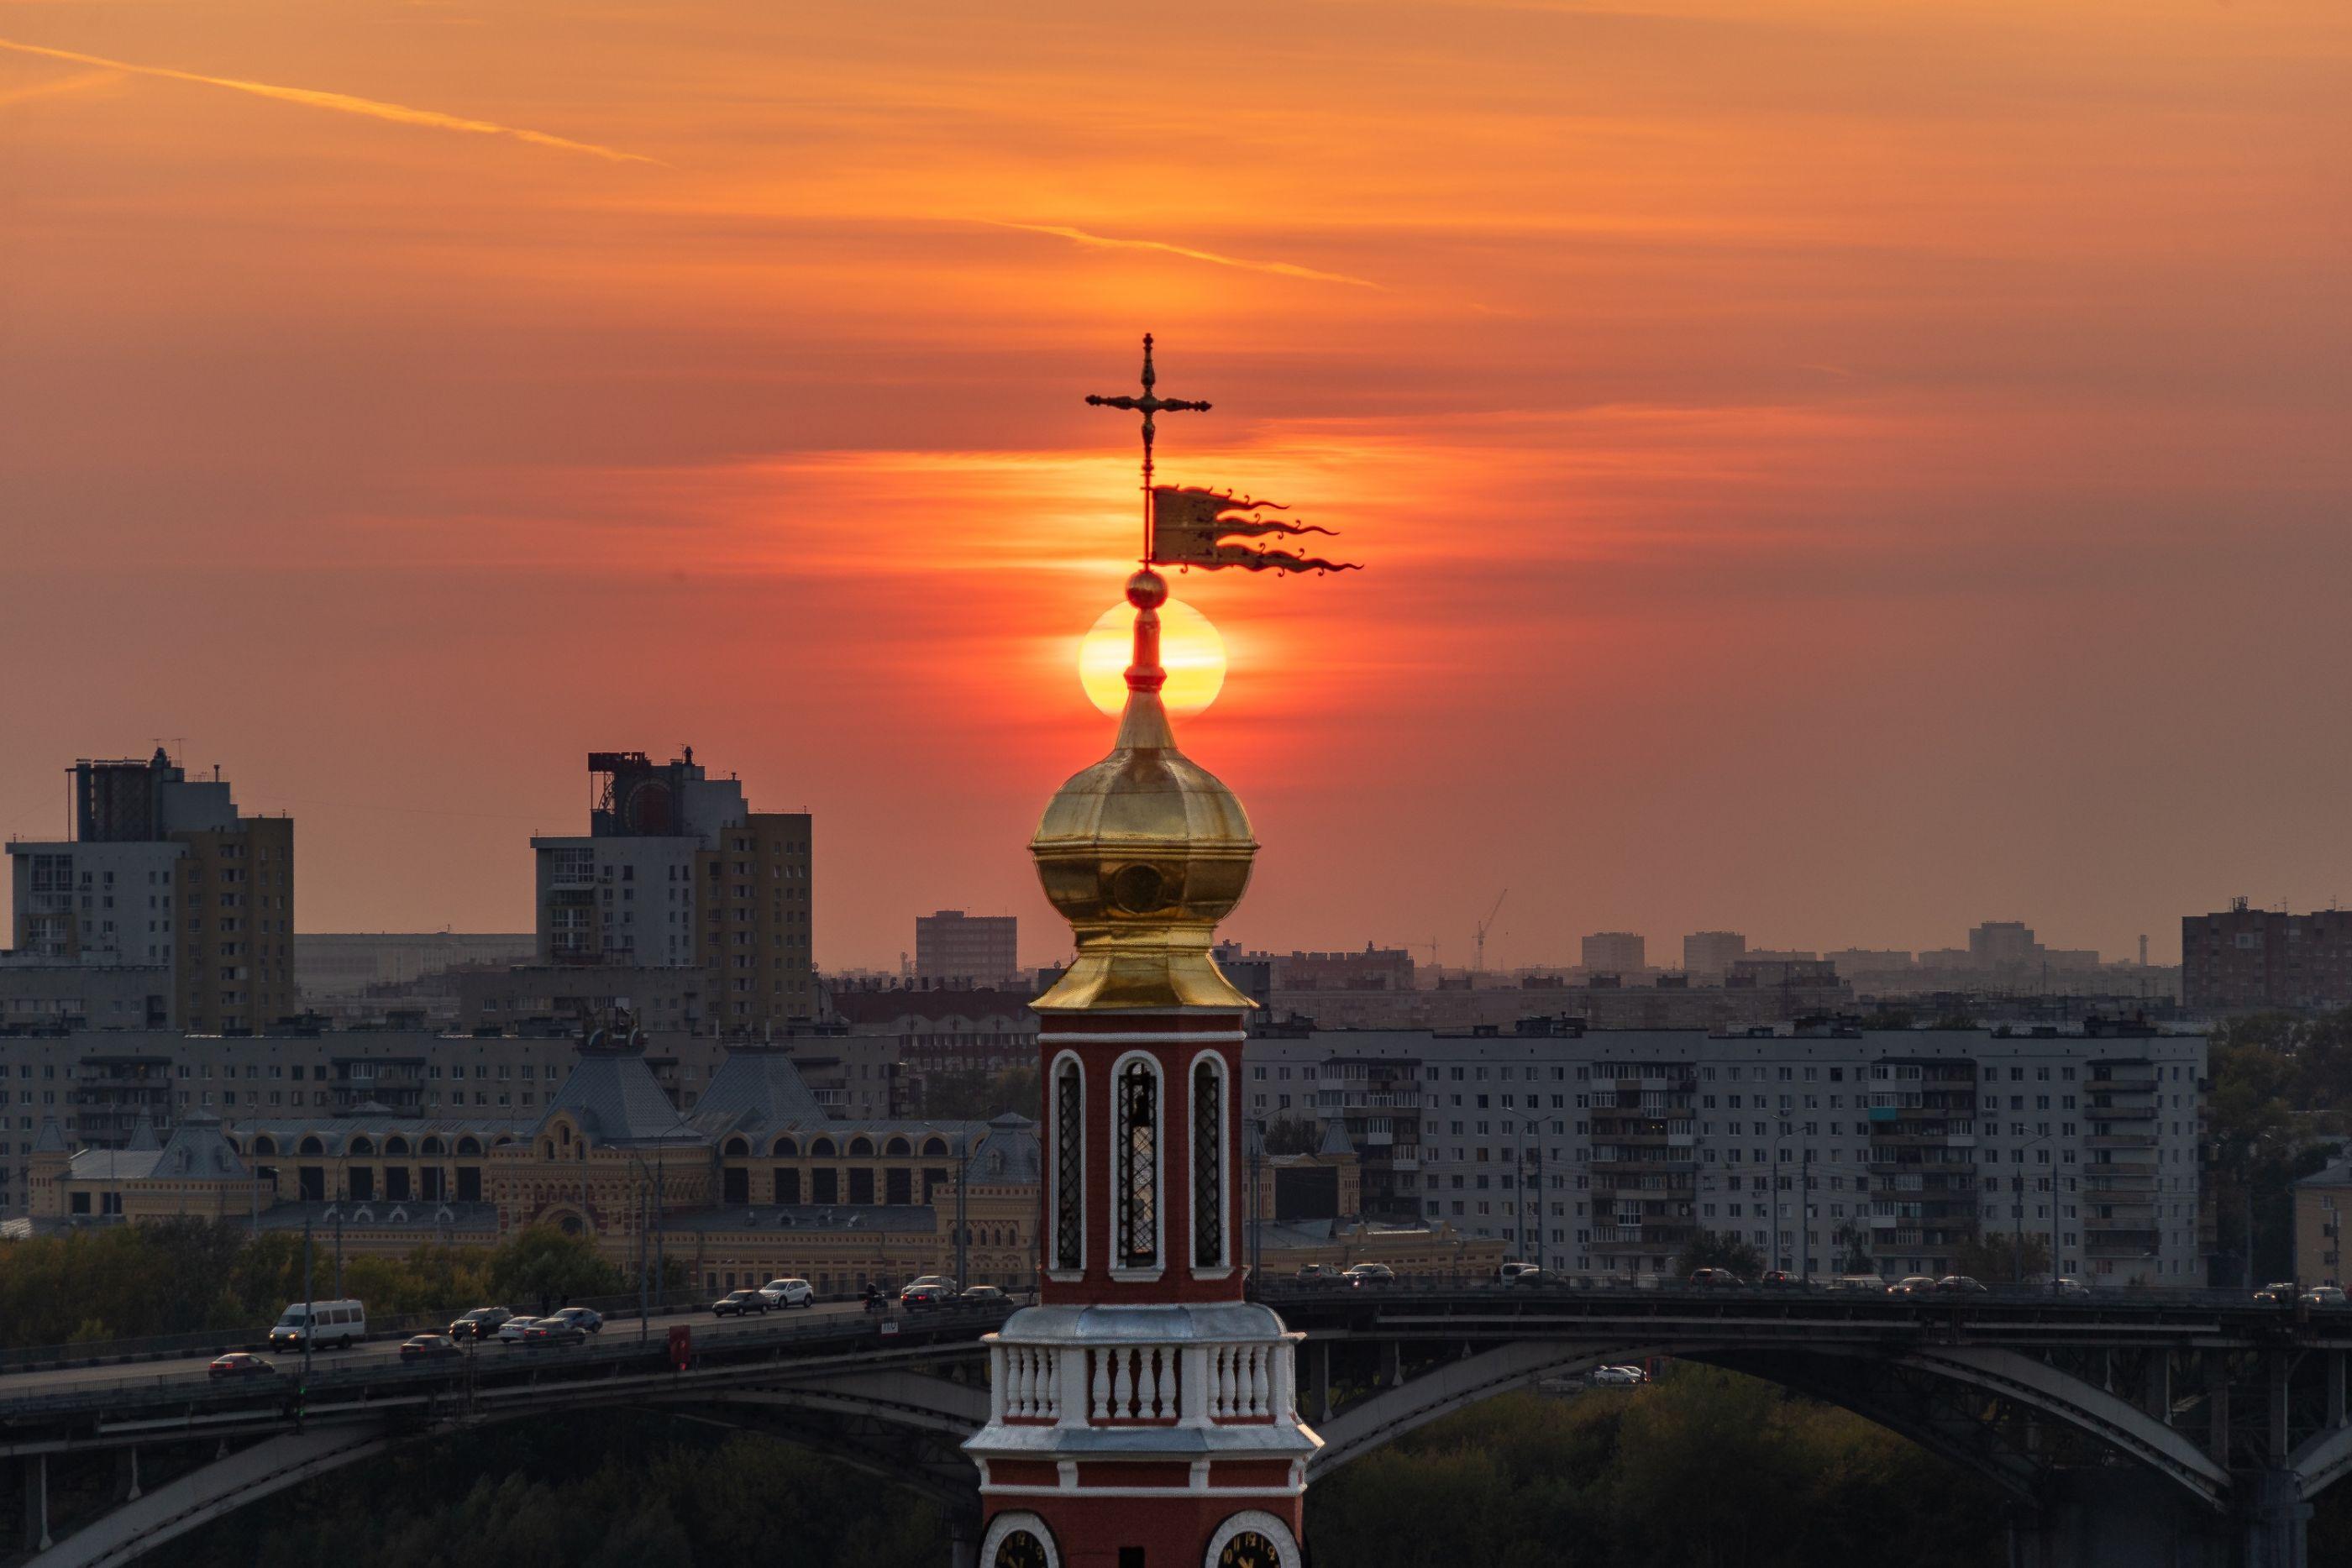 Sunset in Nizhniy Novgorod